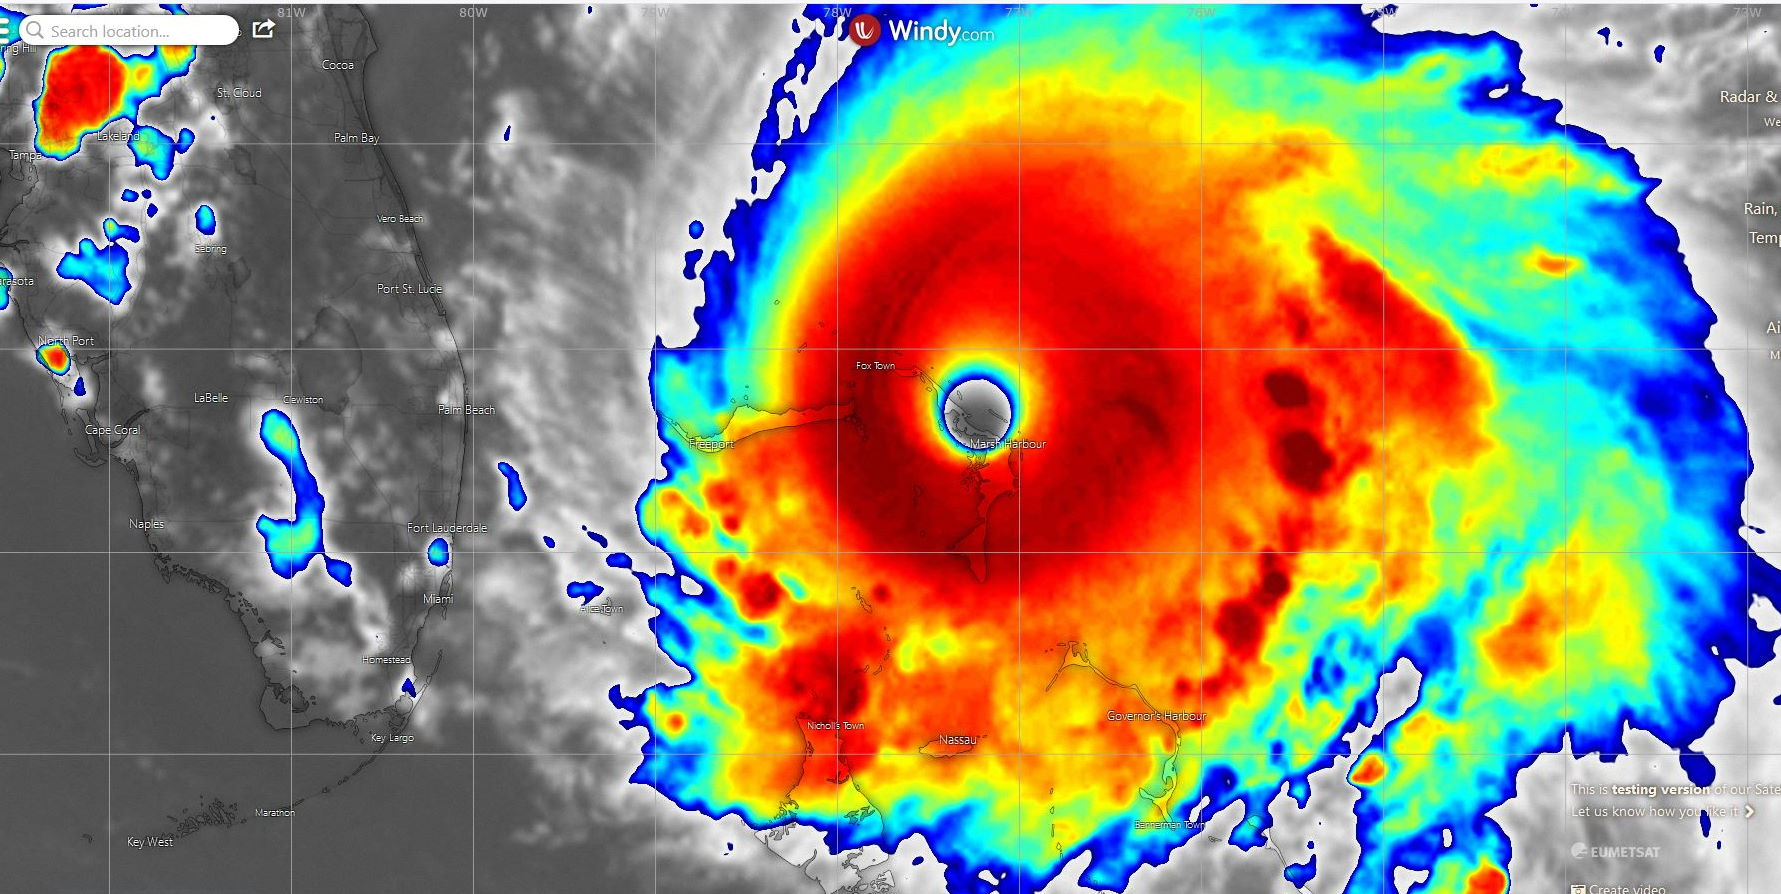 L'oeil de DORIAN au stade de cyclone très intense passe actuellement au plus près de Marsh Harbour/Bahamas.